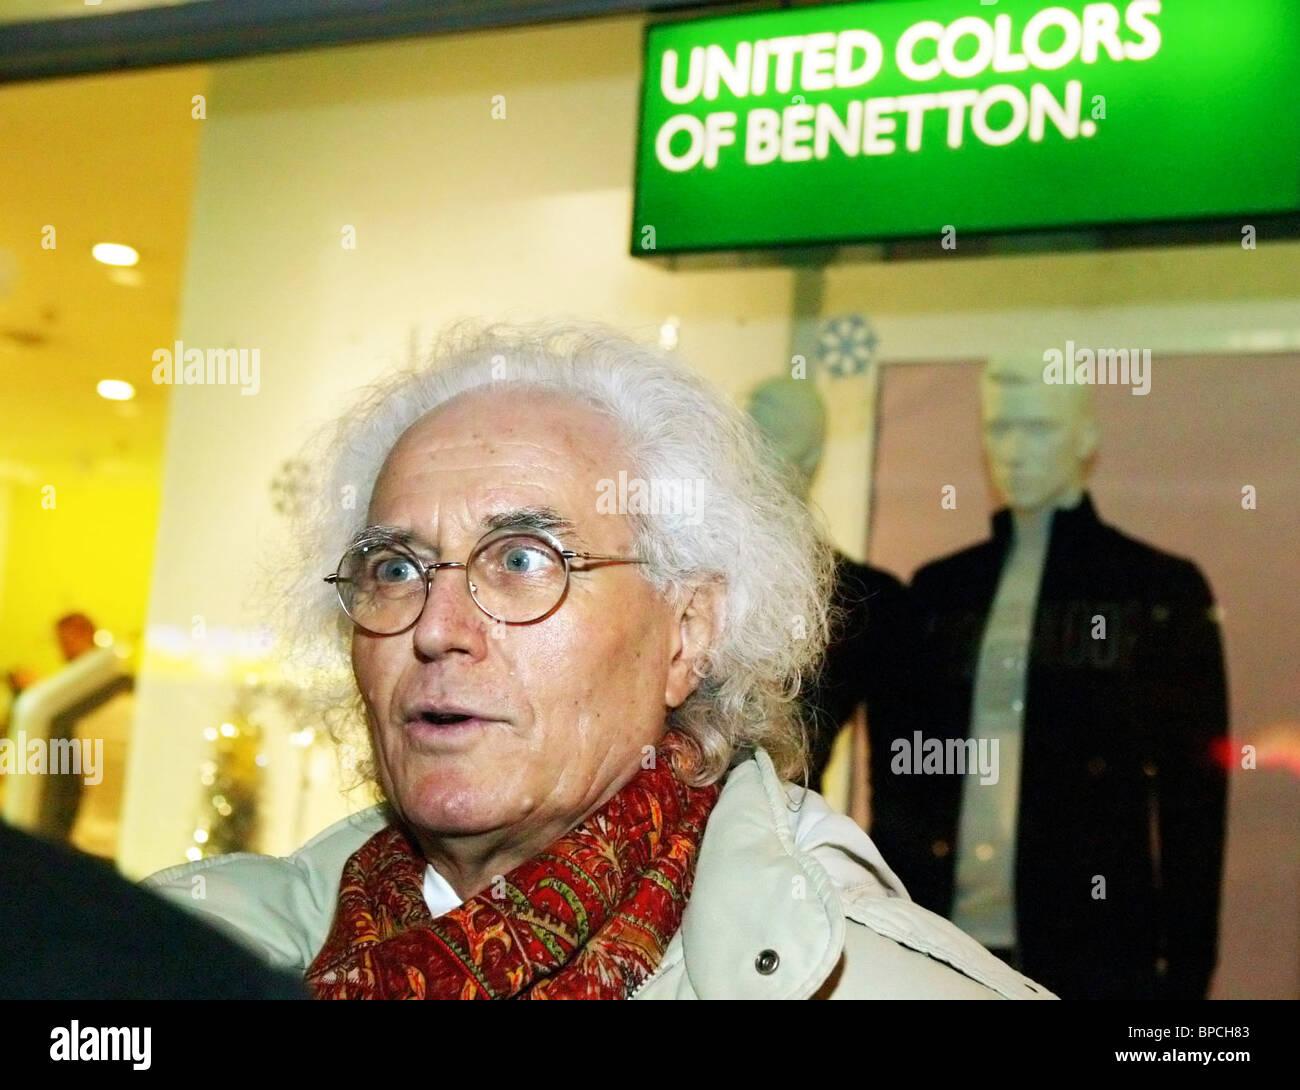 Benetton's chairman Luciano Benetton arrives in Kaliningrad - Stock Image